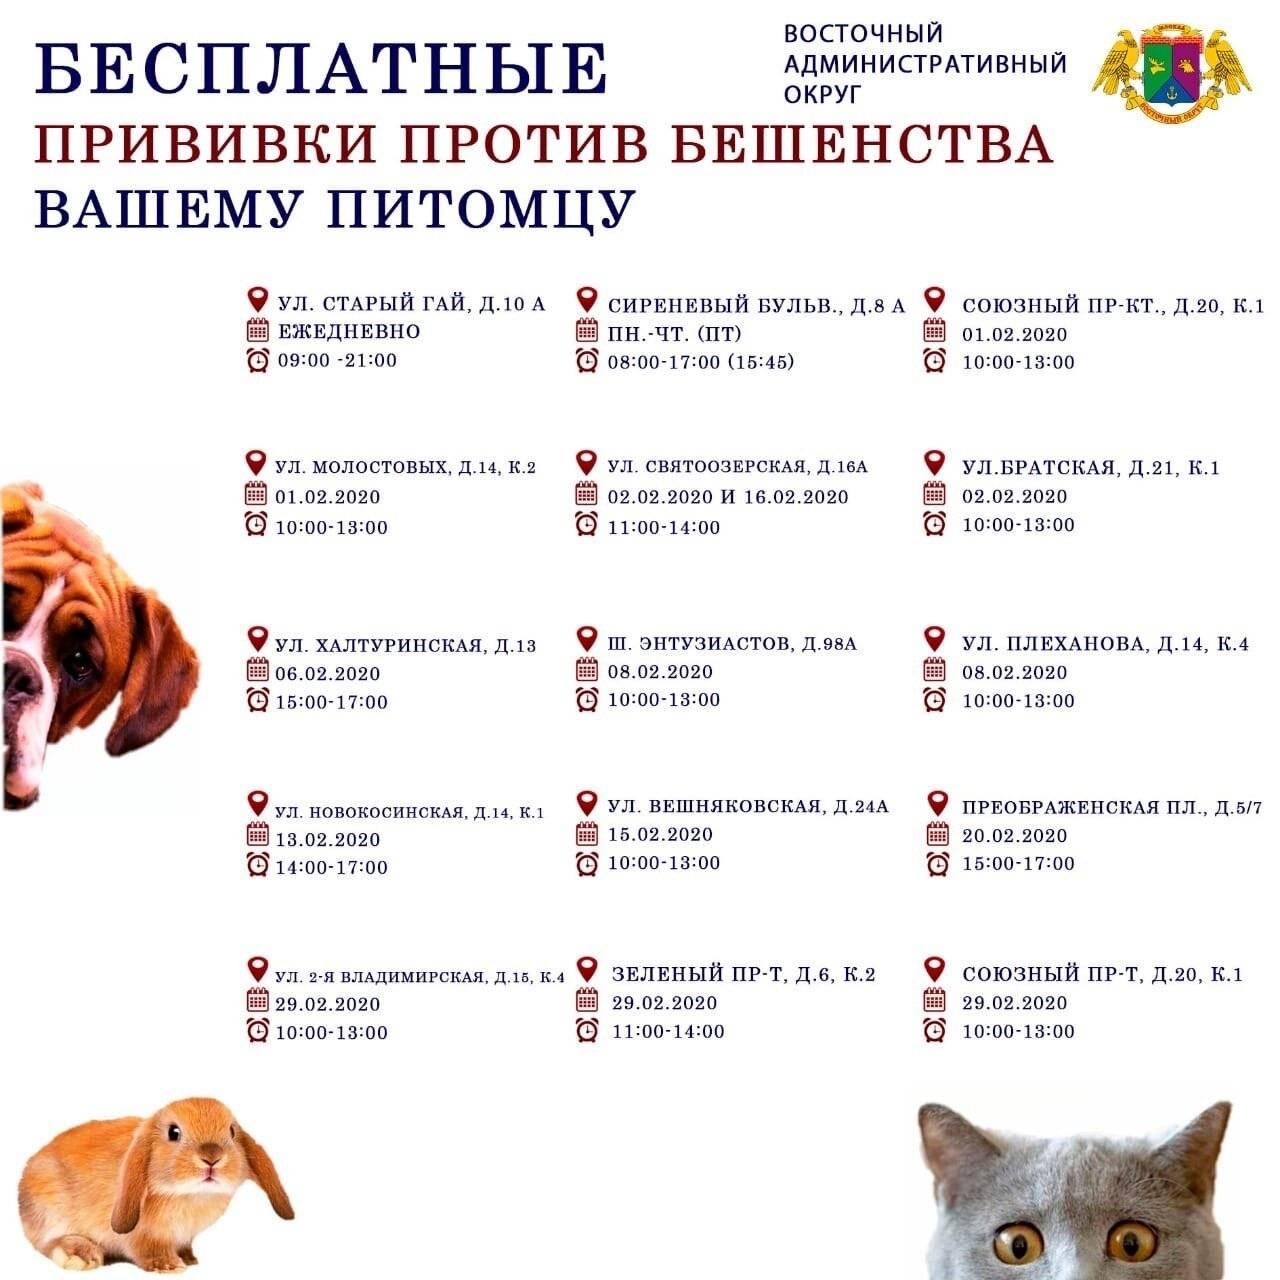 Бешенство кошек: как часто делают прививки, правила вакцинации, период действия препаратов